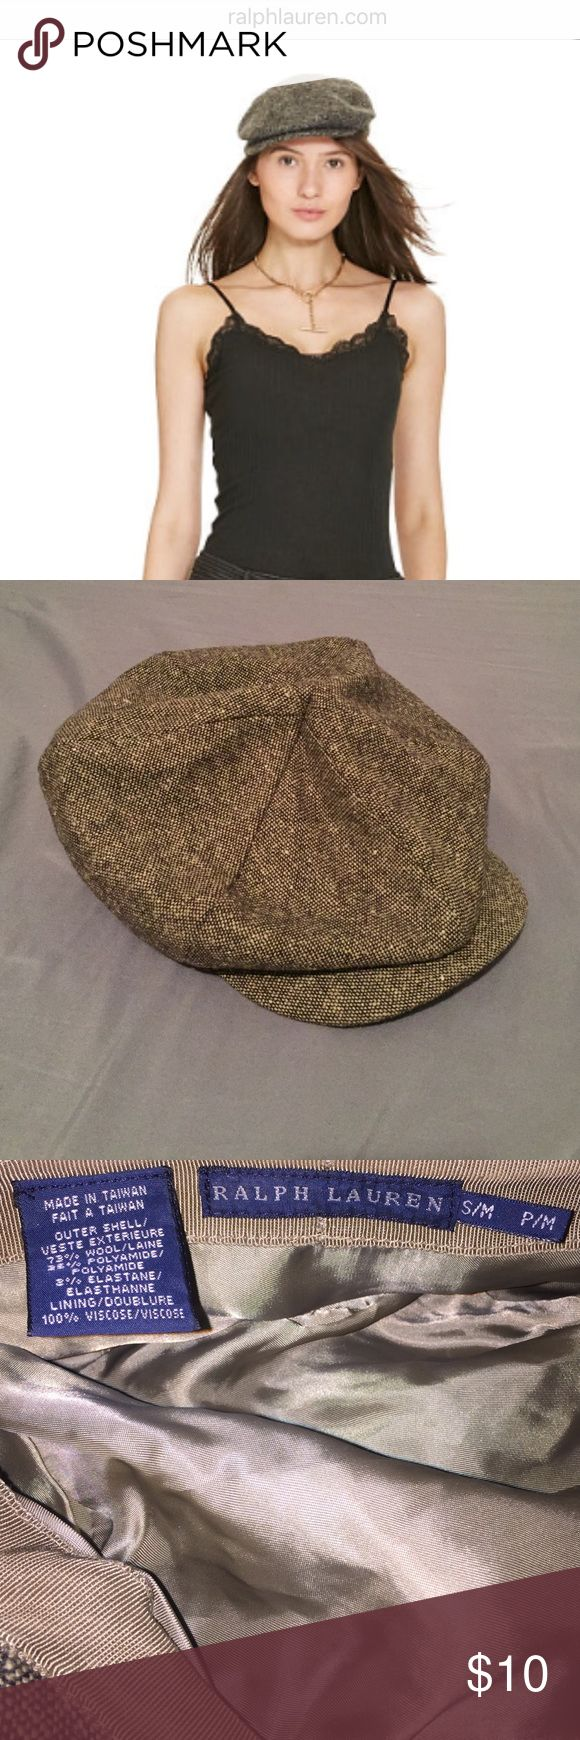 Ralph Lauren fisherman cap S/M Great condition. Approx 10 inches long 9.5 wide. Ralph Lauren Accessories Hats